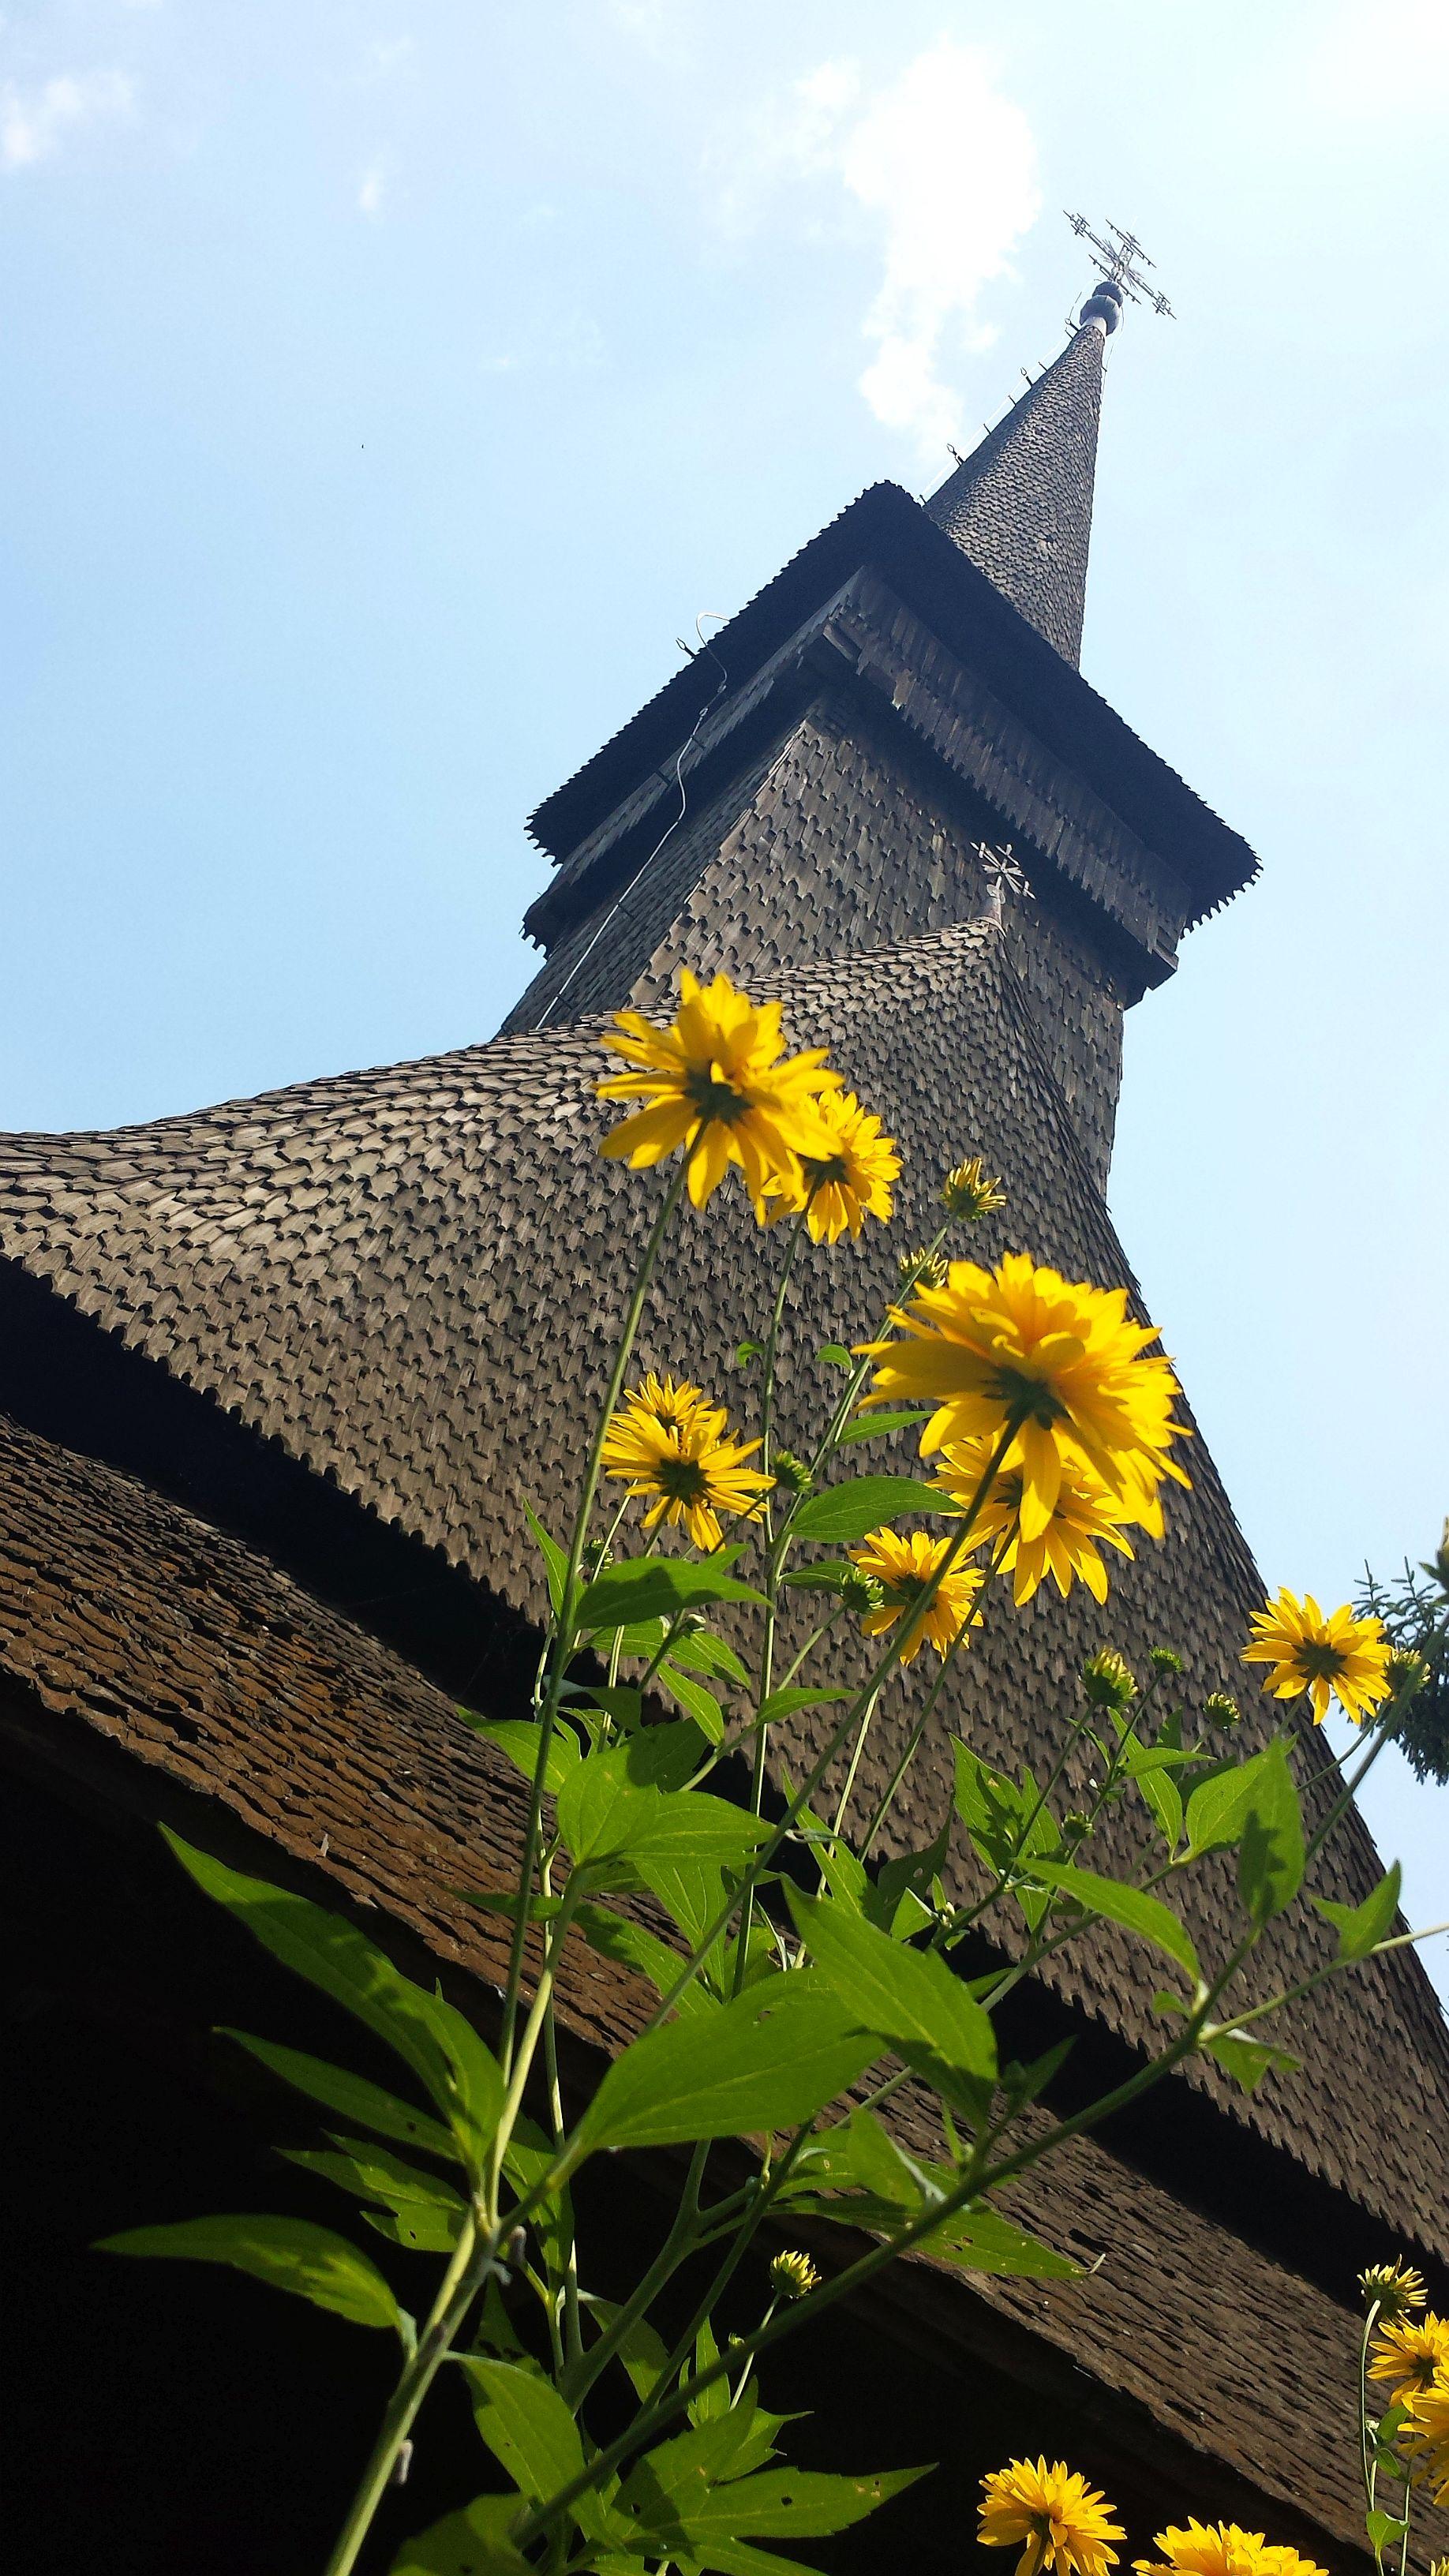 muzeul satului (12)